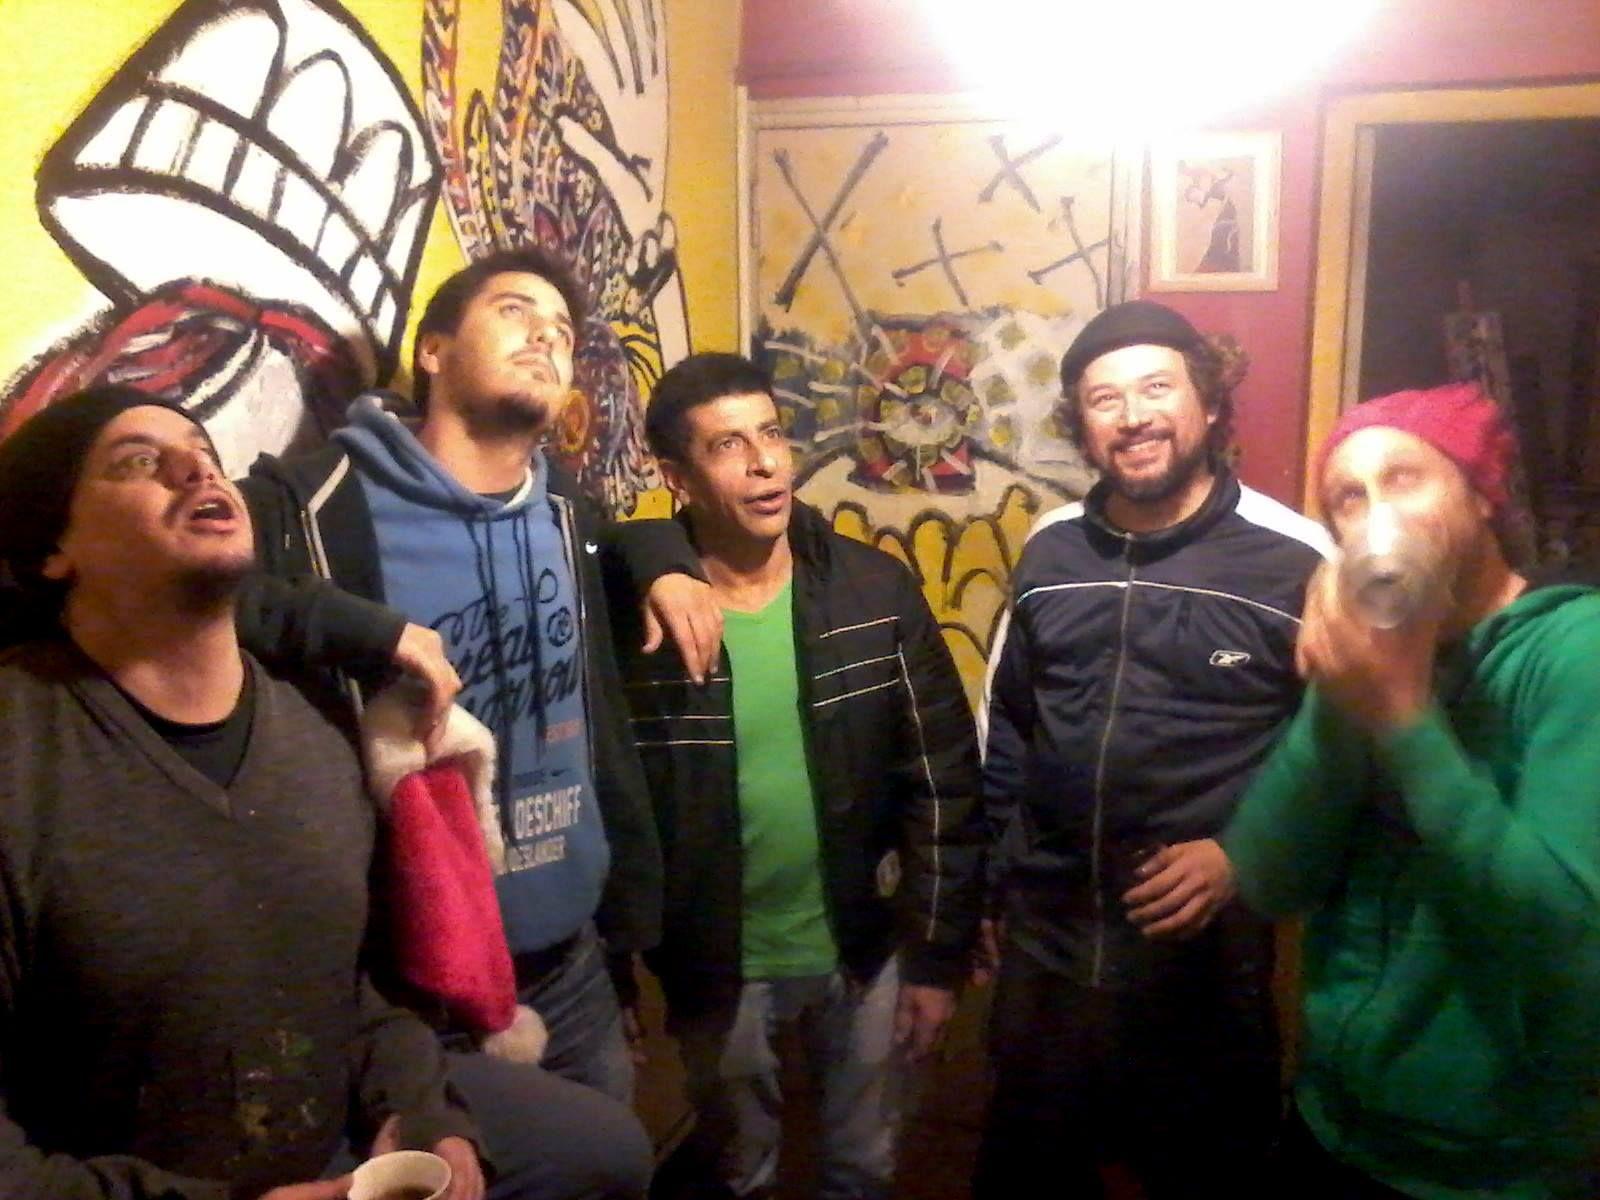 La banda de Paraná presentó su último disco que se puede bajar gratis de Internet.